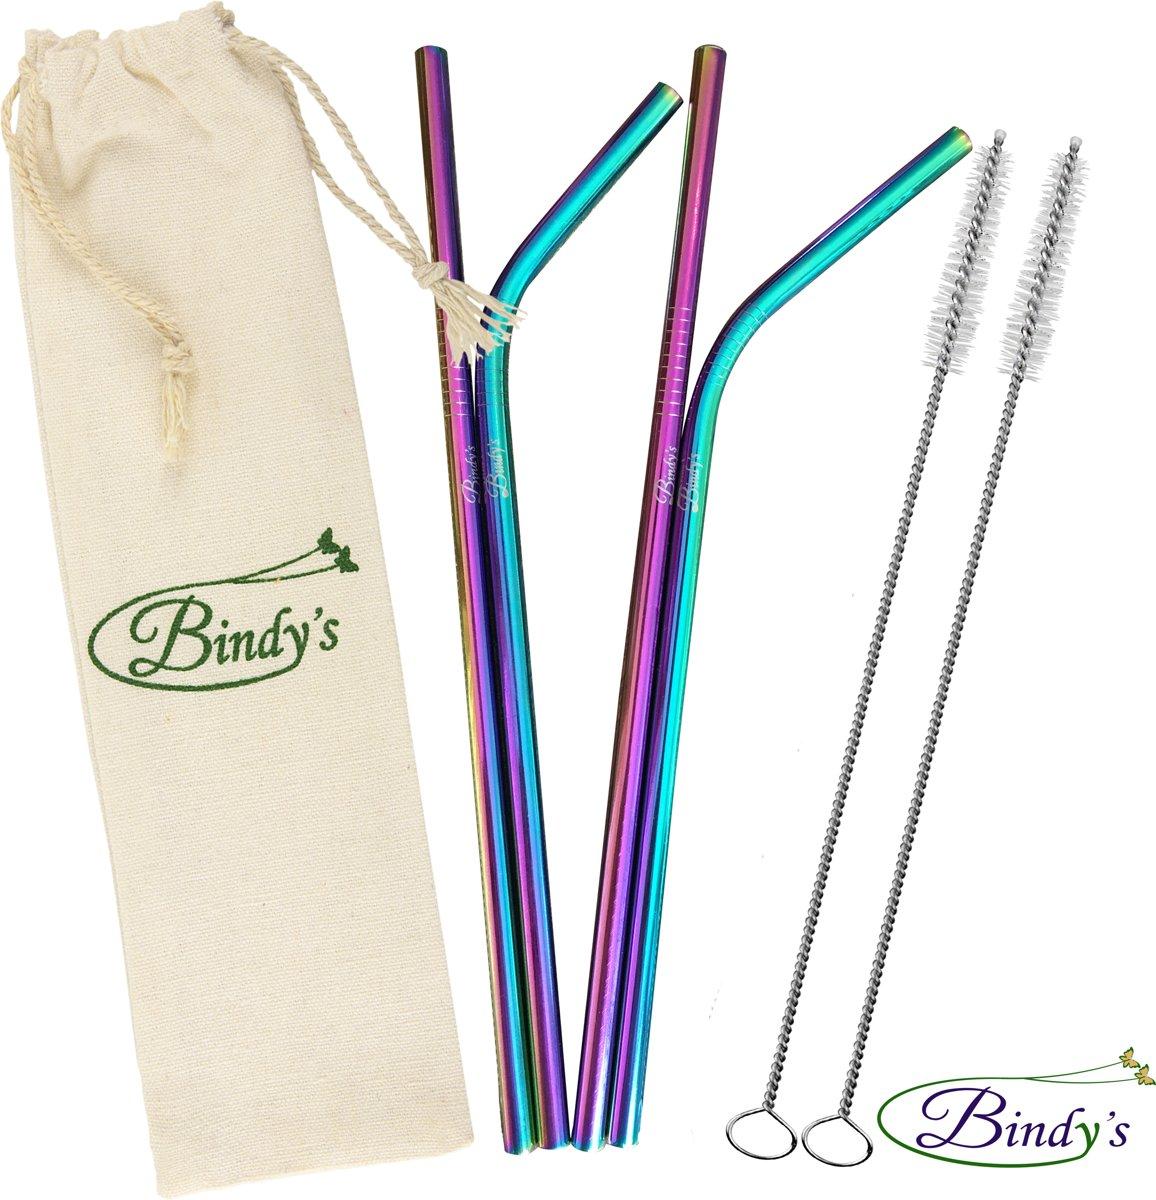 Bindy's Gekleurde rvs/metalen rietjes - Herbruikbare set van 4 gekleurde RVS rietjes(2 stuks recht en 2 stuks gebogen), lengte 21,5 cm-Stijlvol, Functioneel en Duurzaam, Incl. 2 Schoonmaakborsteltjes en linnen bewaarzakje